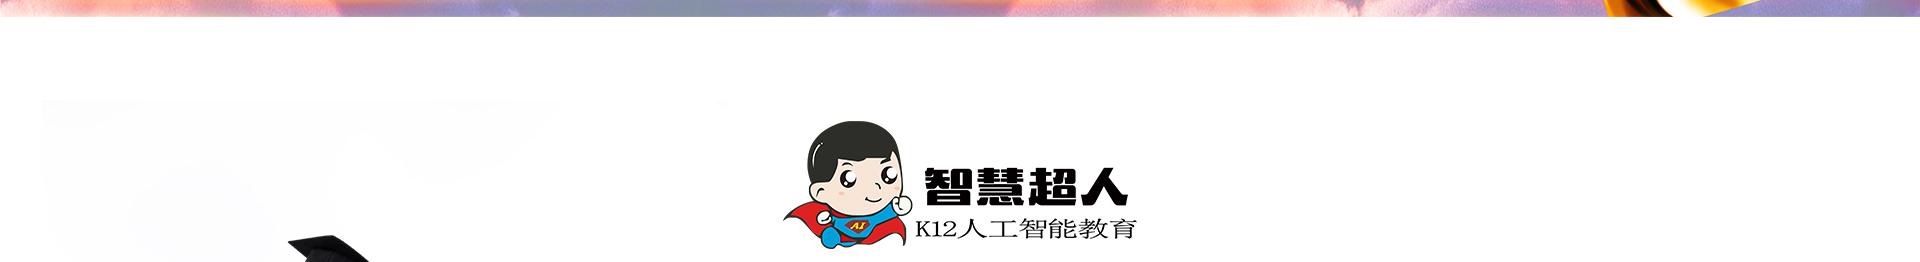 智慧超人K12人工智能教育zzcr_27